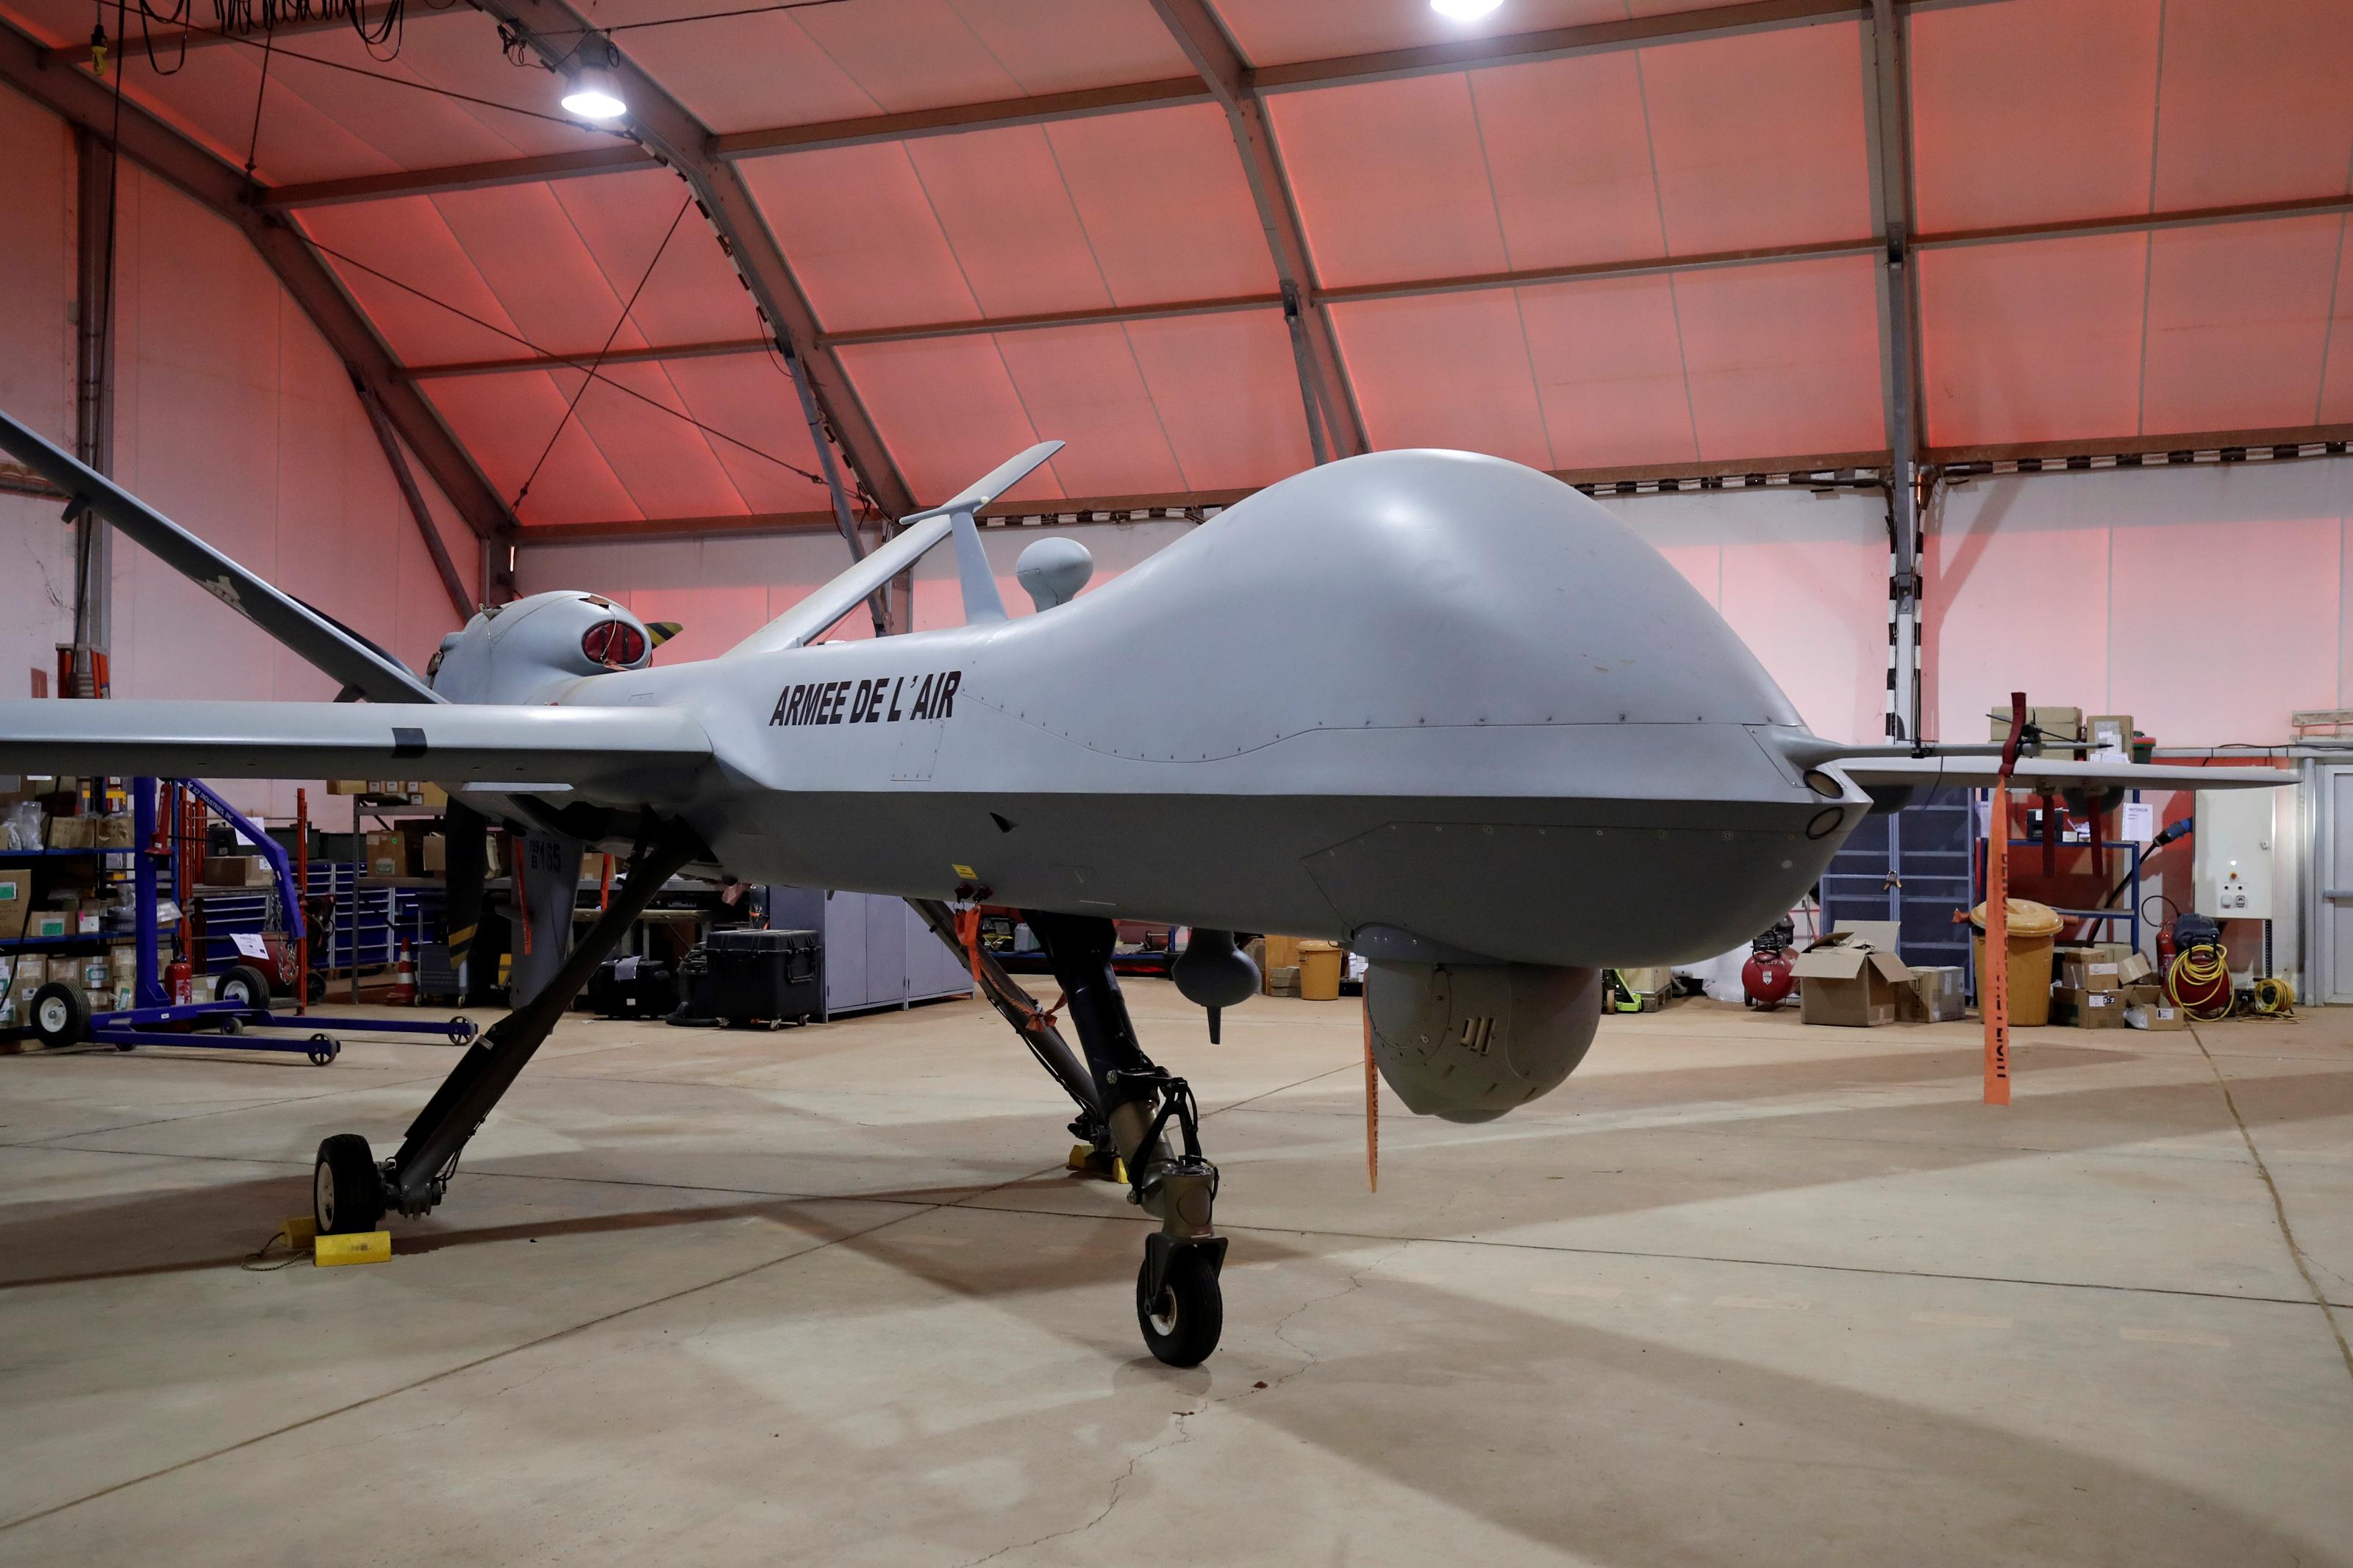 Pourquoi et comment la France a raté le virage des drones militaires aériens